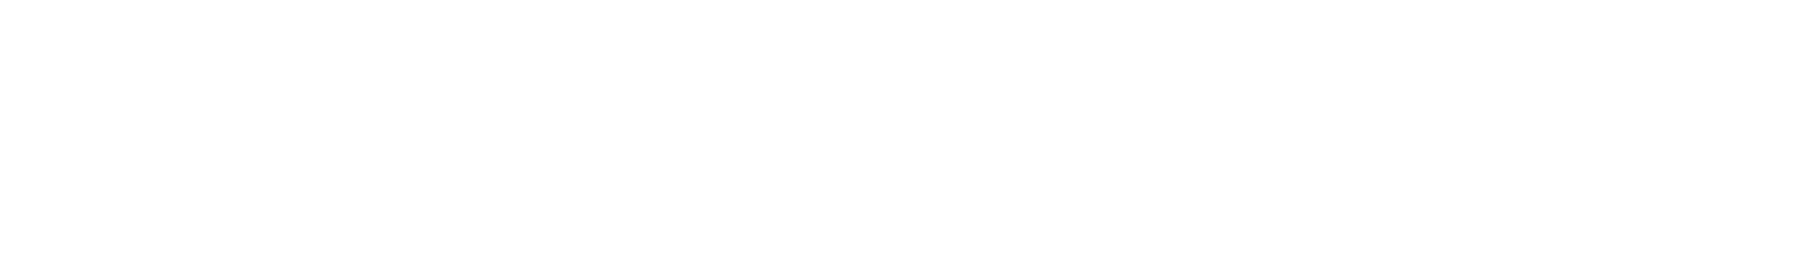 veh2 synths   111 c